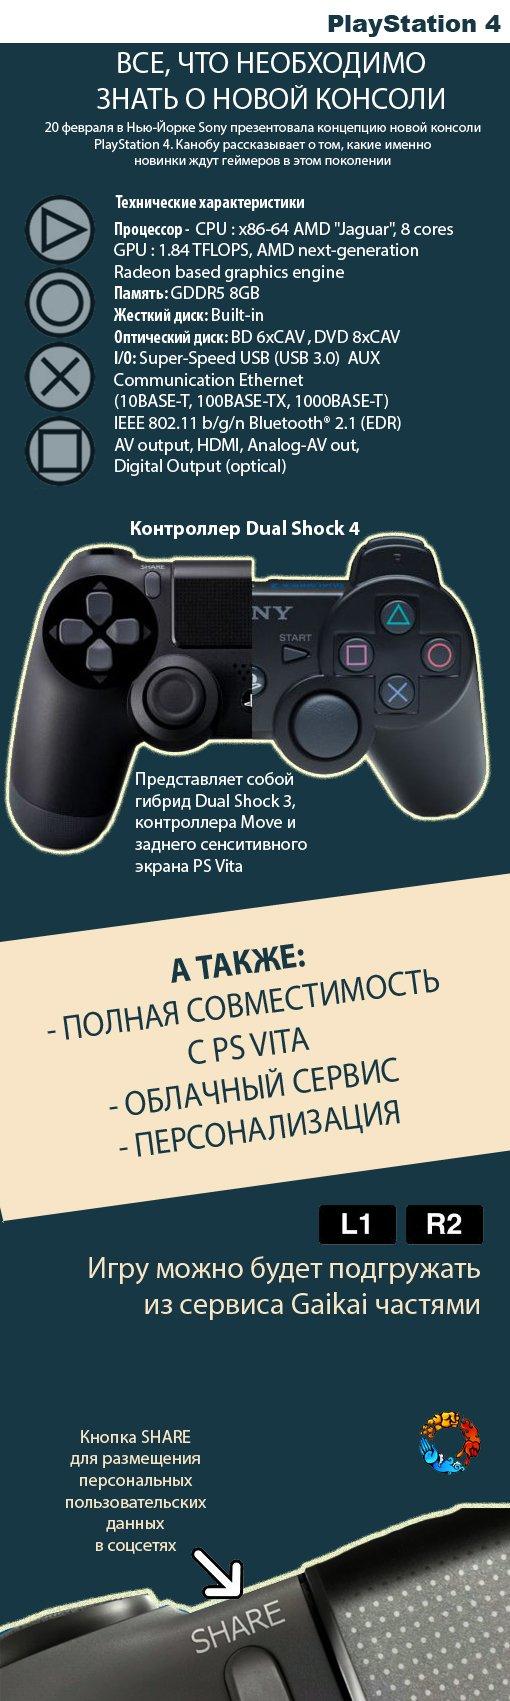 PlayStation 4. Все, что необходимо знать о новой консоли - Изображение 2